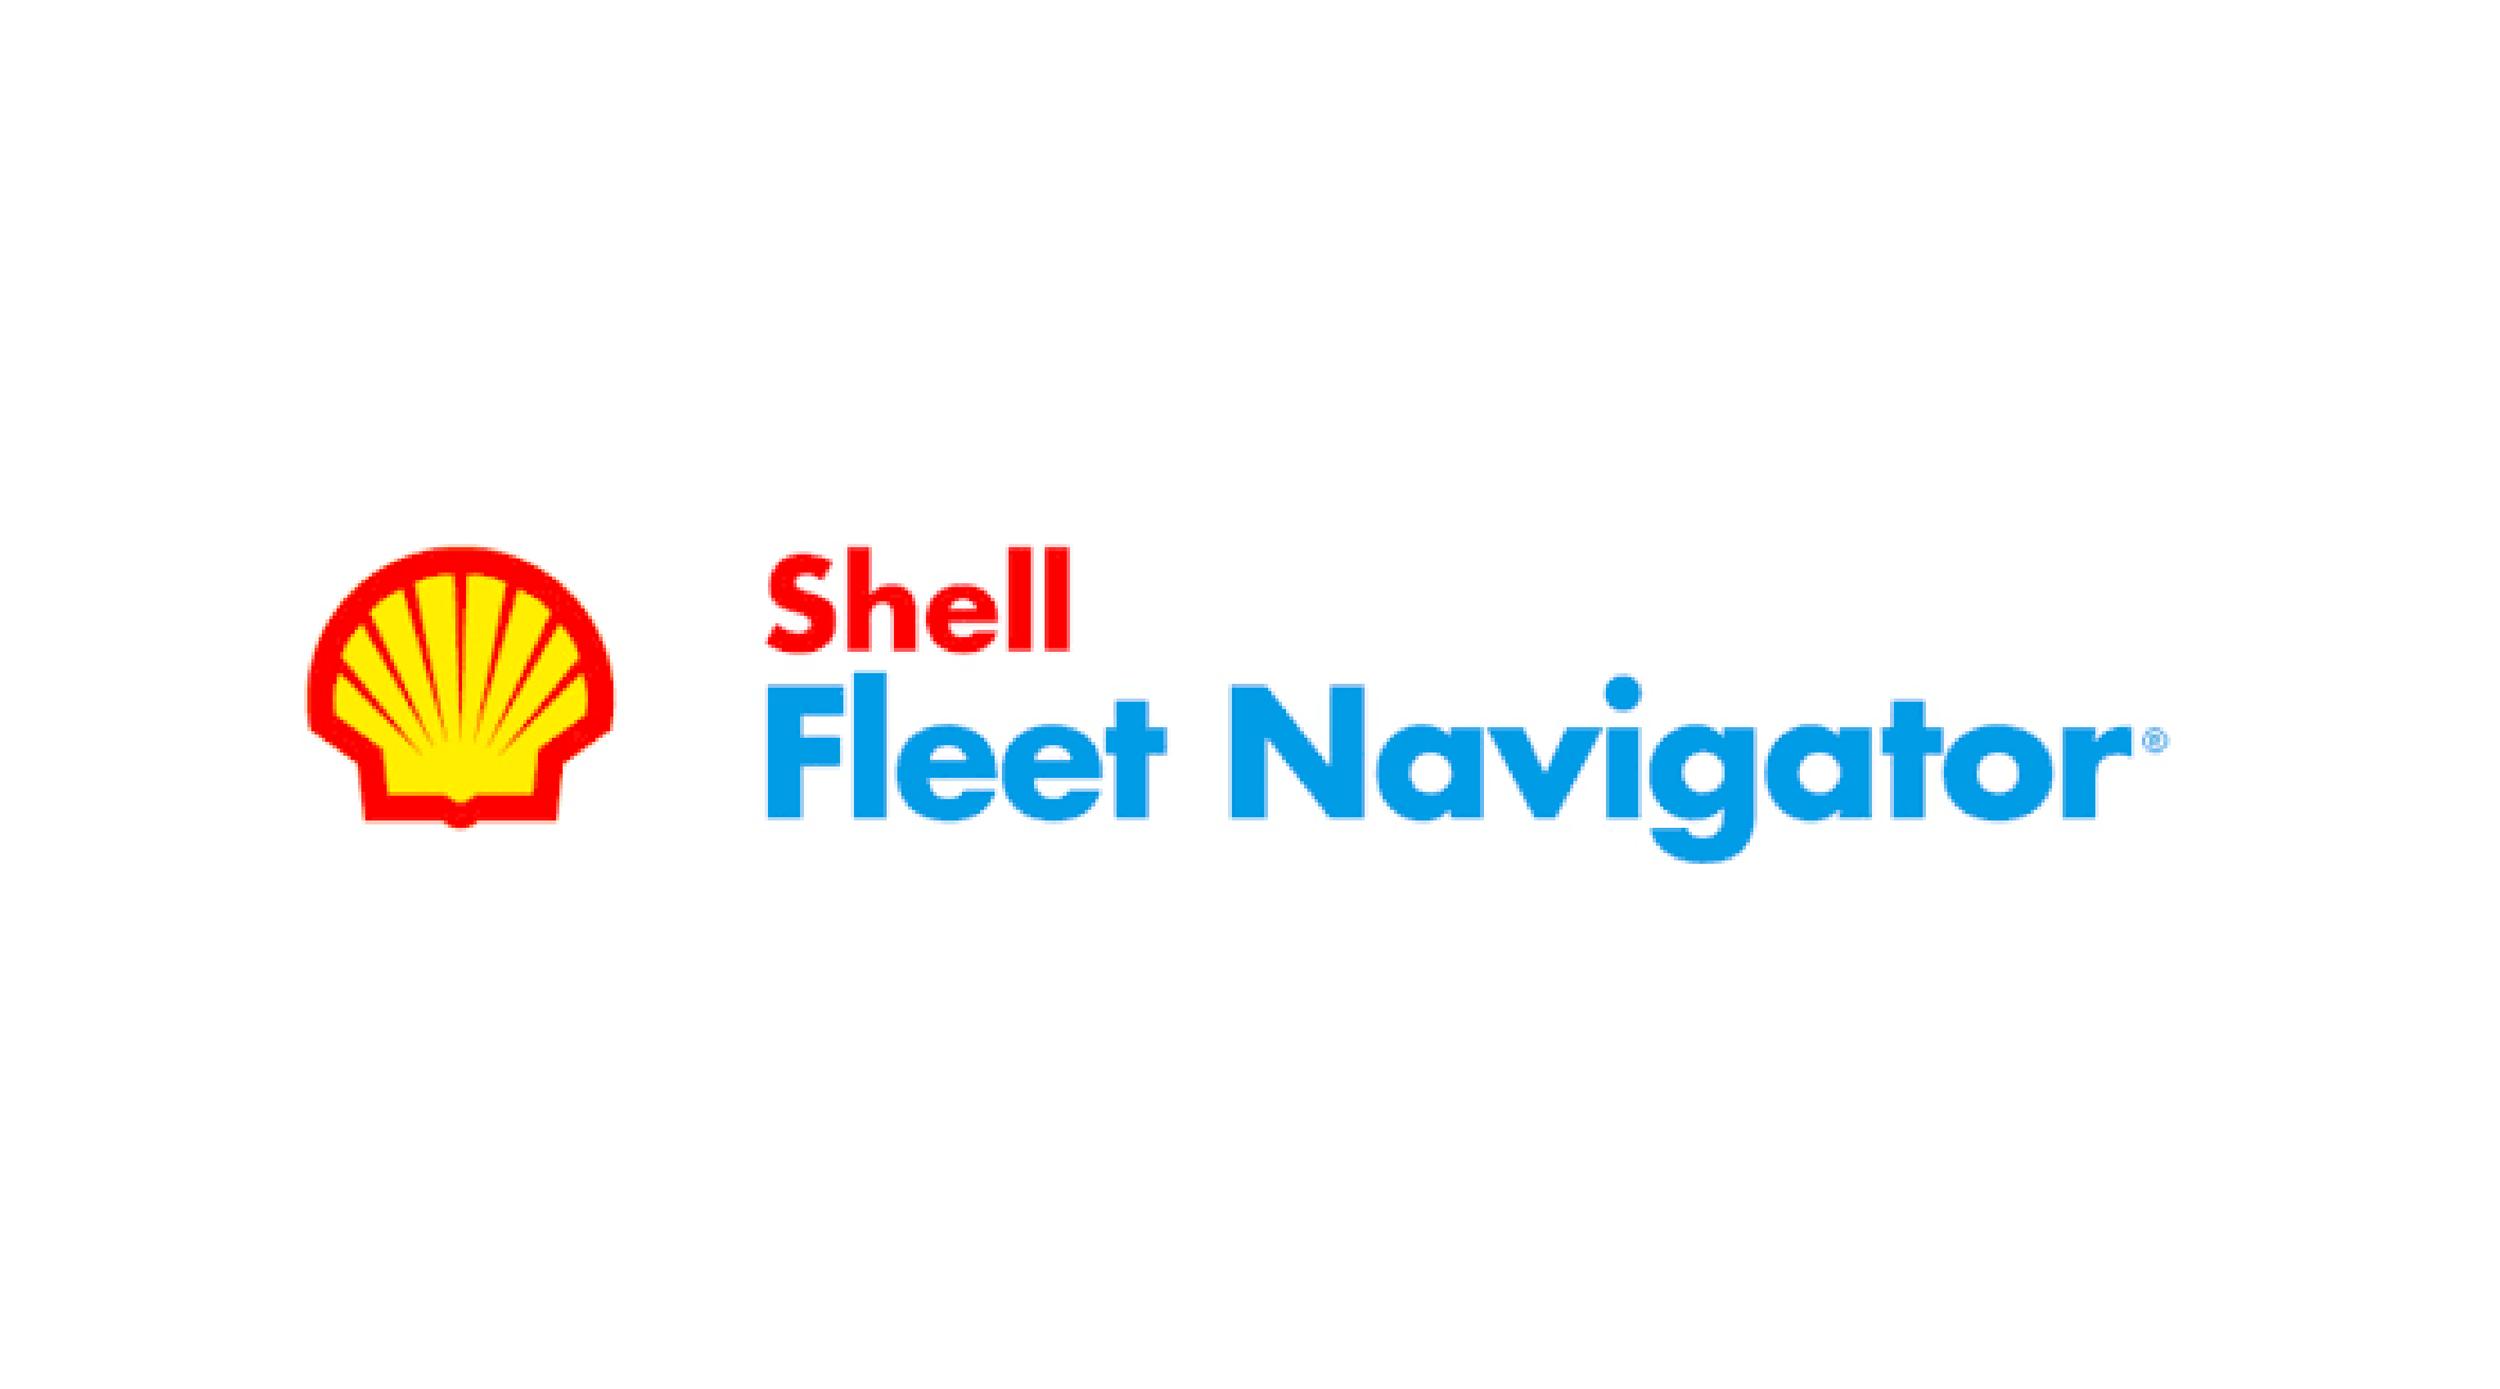 asset-logo_shell-fleet-navigator.png